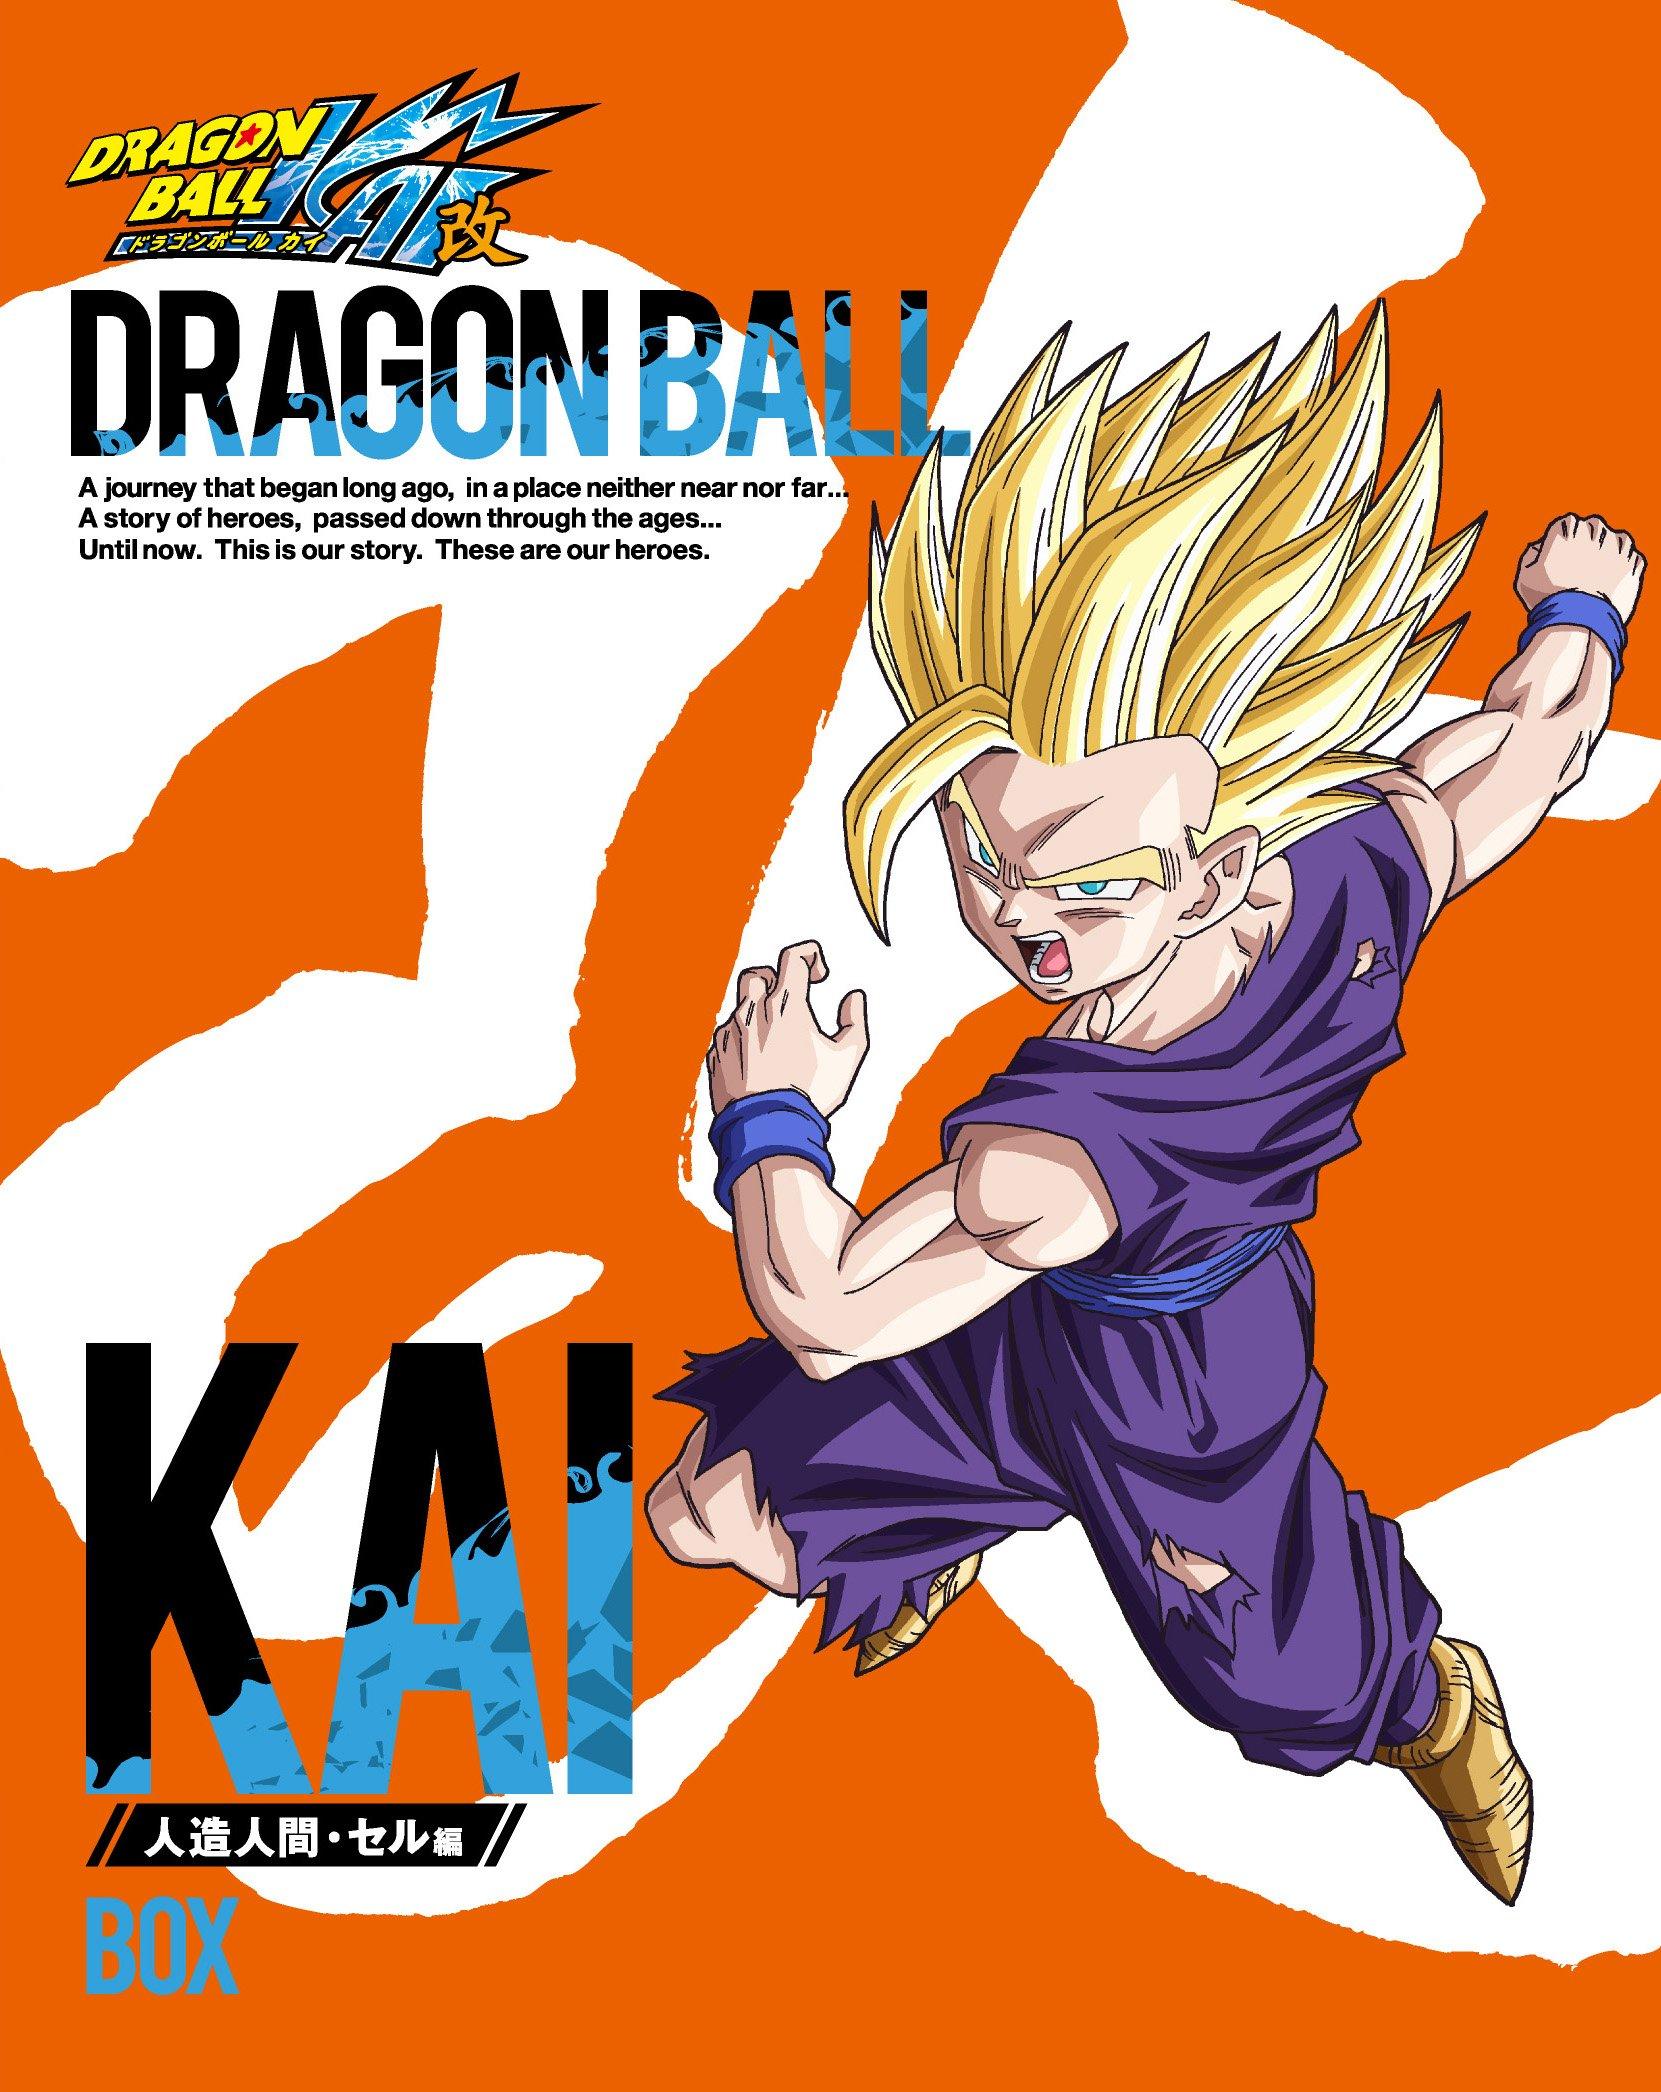 [百度网盘][bdmv][龙珠改 人造人·赛鲁篇][dragon ball kai jinzo